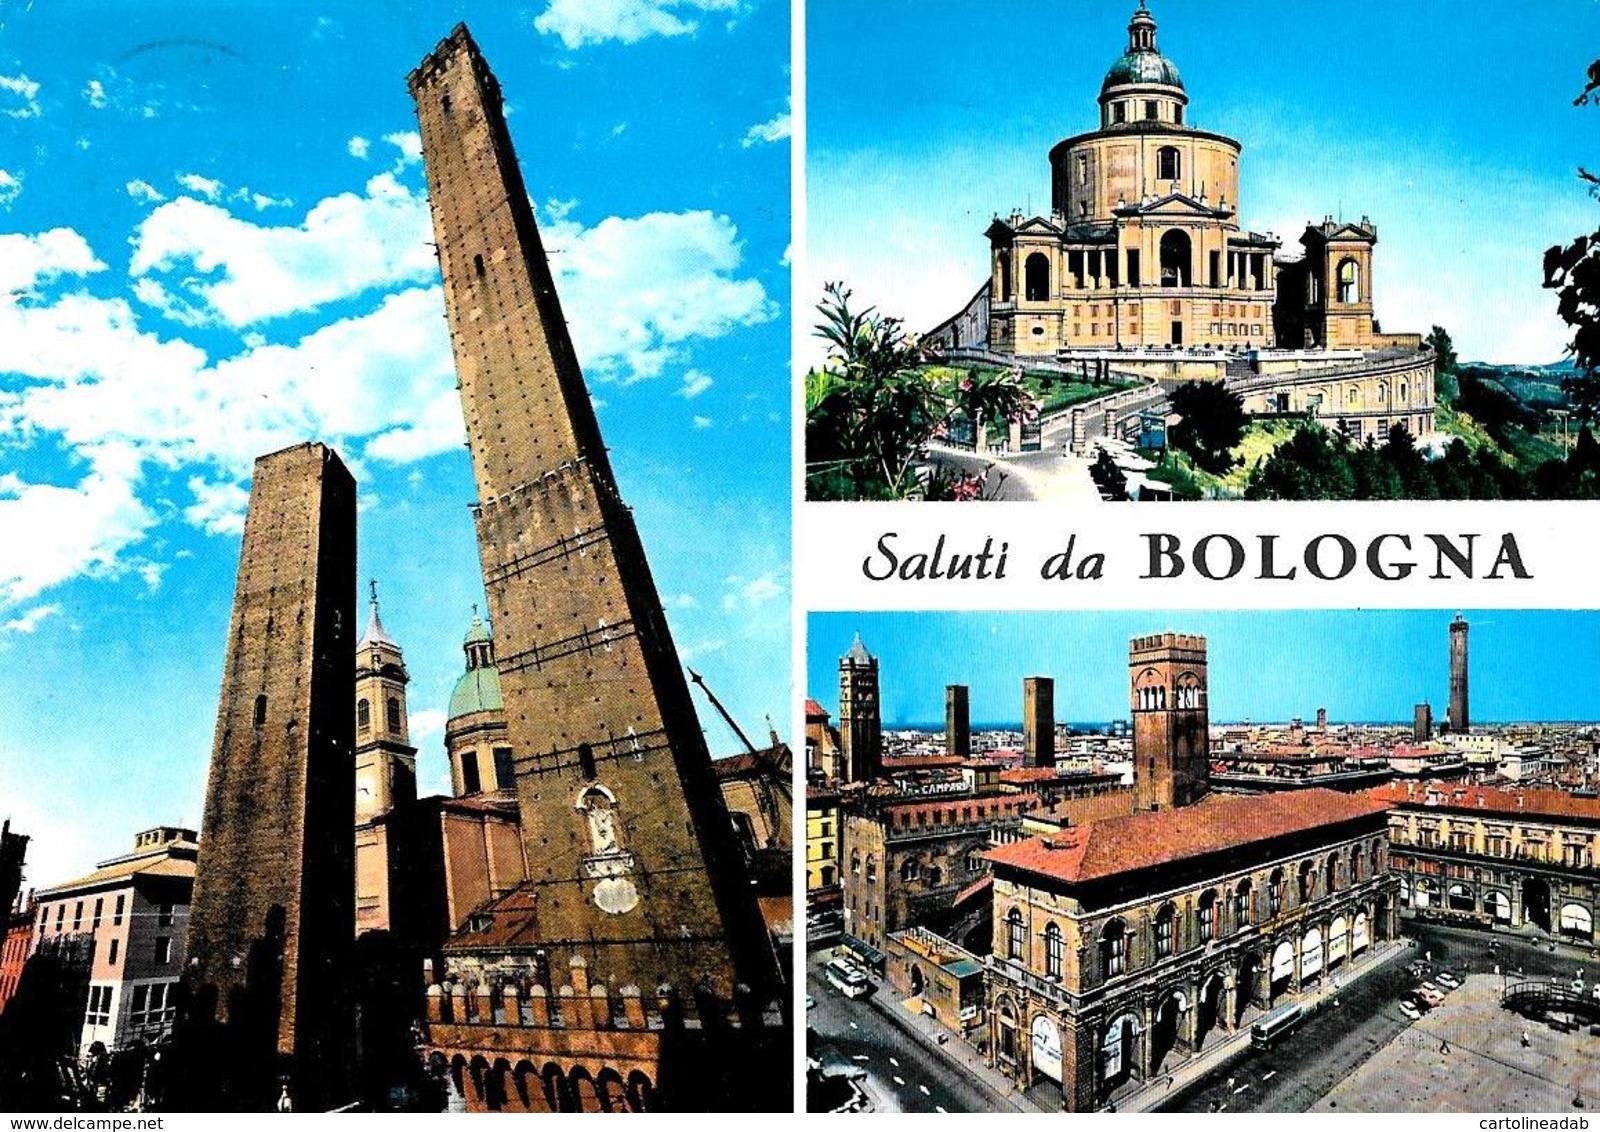 [MD3728] CPM - BOLOGNA  - SALUTI DA BOLOGNA - Viaggiata - Bologna